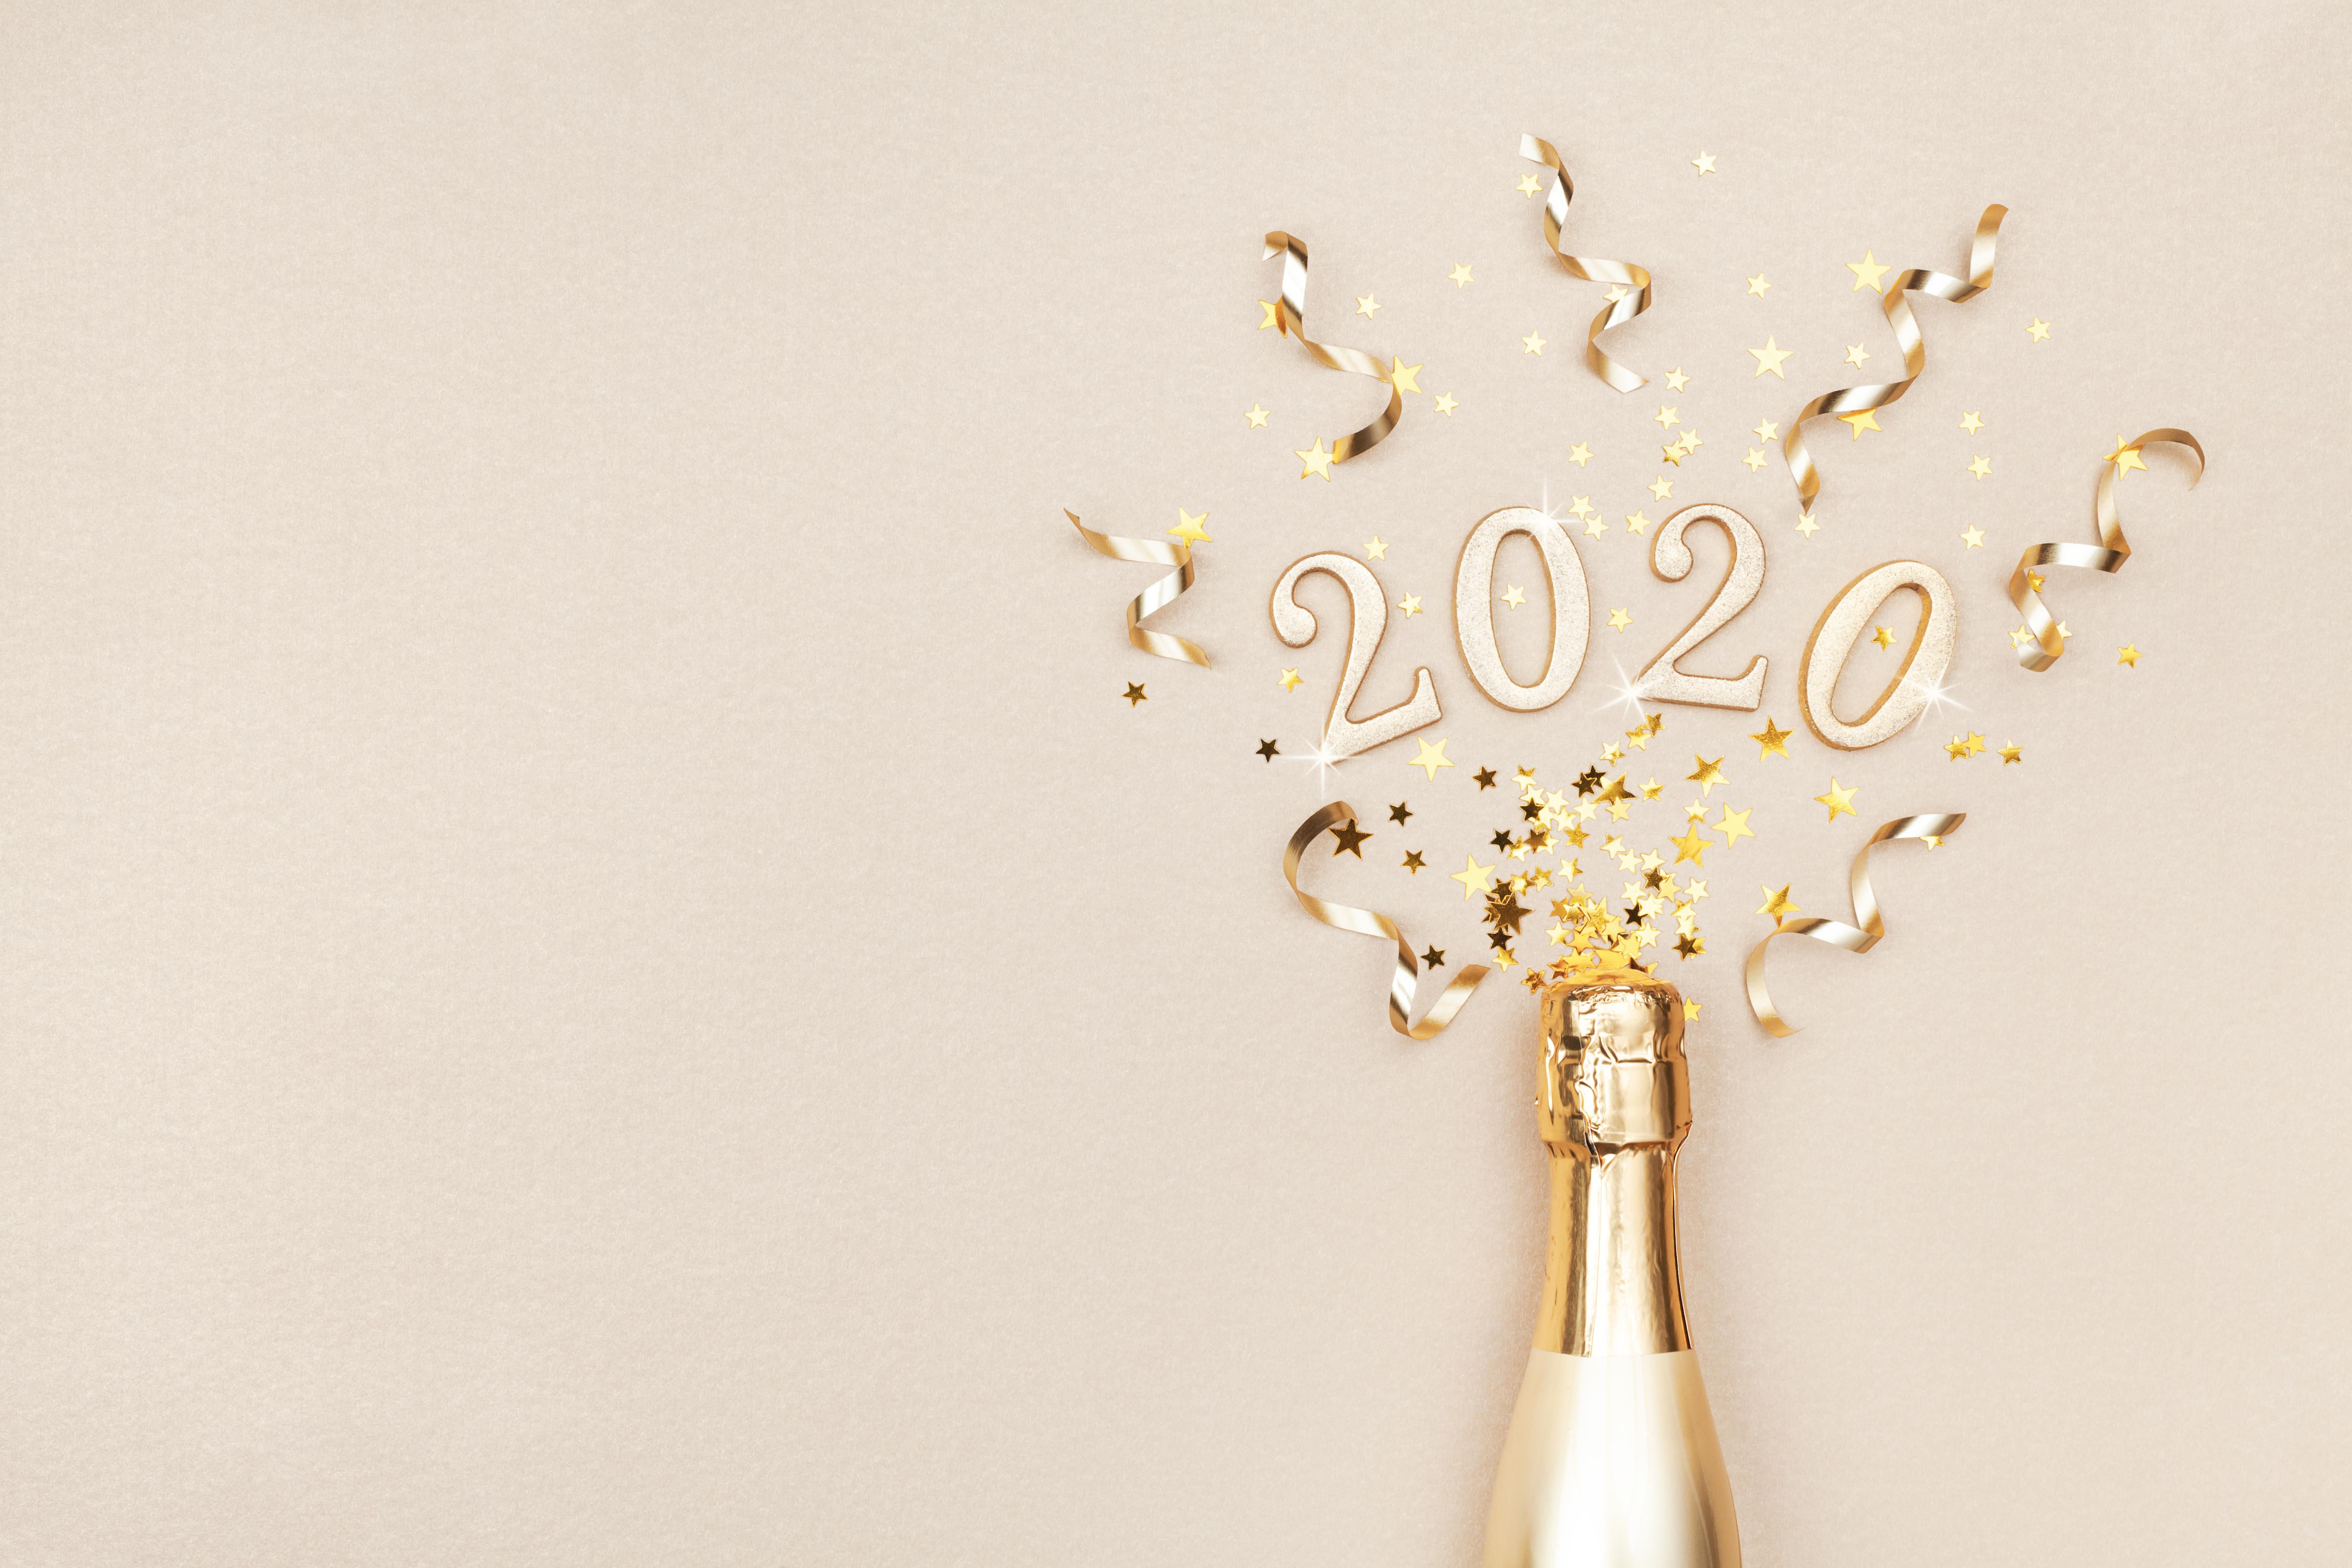 <p>Лъв - През 2020 няма да ви сполетят никакви болести и дискомфорт. Можете да бъдете сигурни, че ще сте здрави и щастливи през цялата година. Ще имате изключително много сили да постигнете всичките си планове и цели.</p>